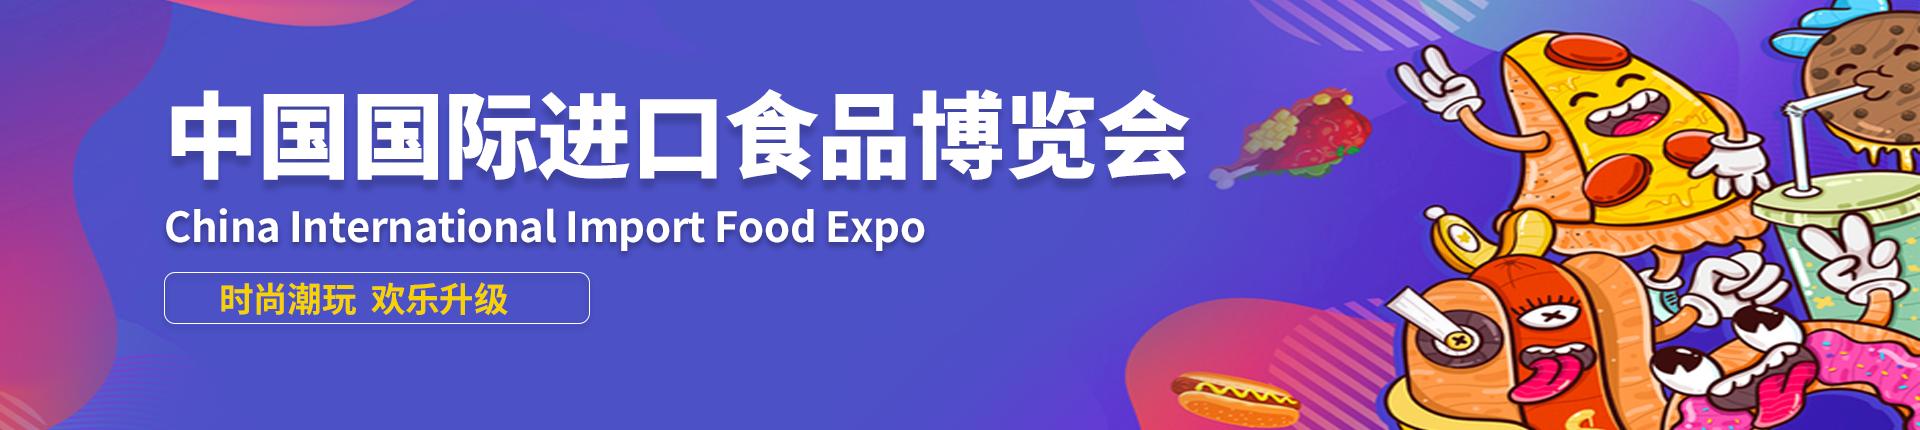 云展·中国国际进口食品博览会